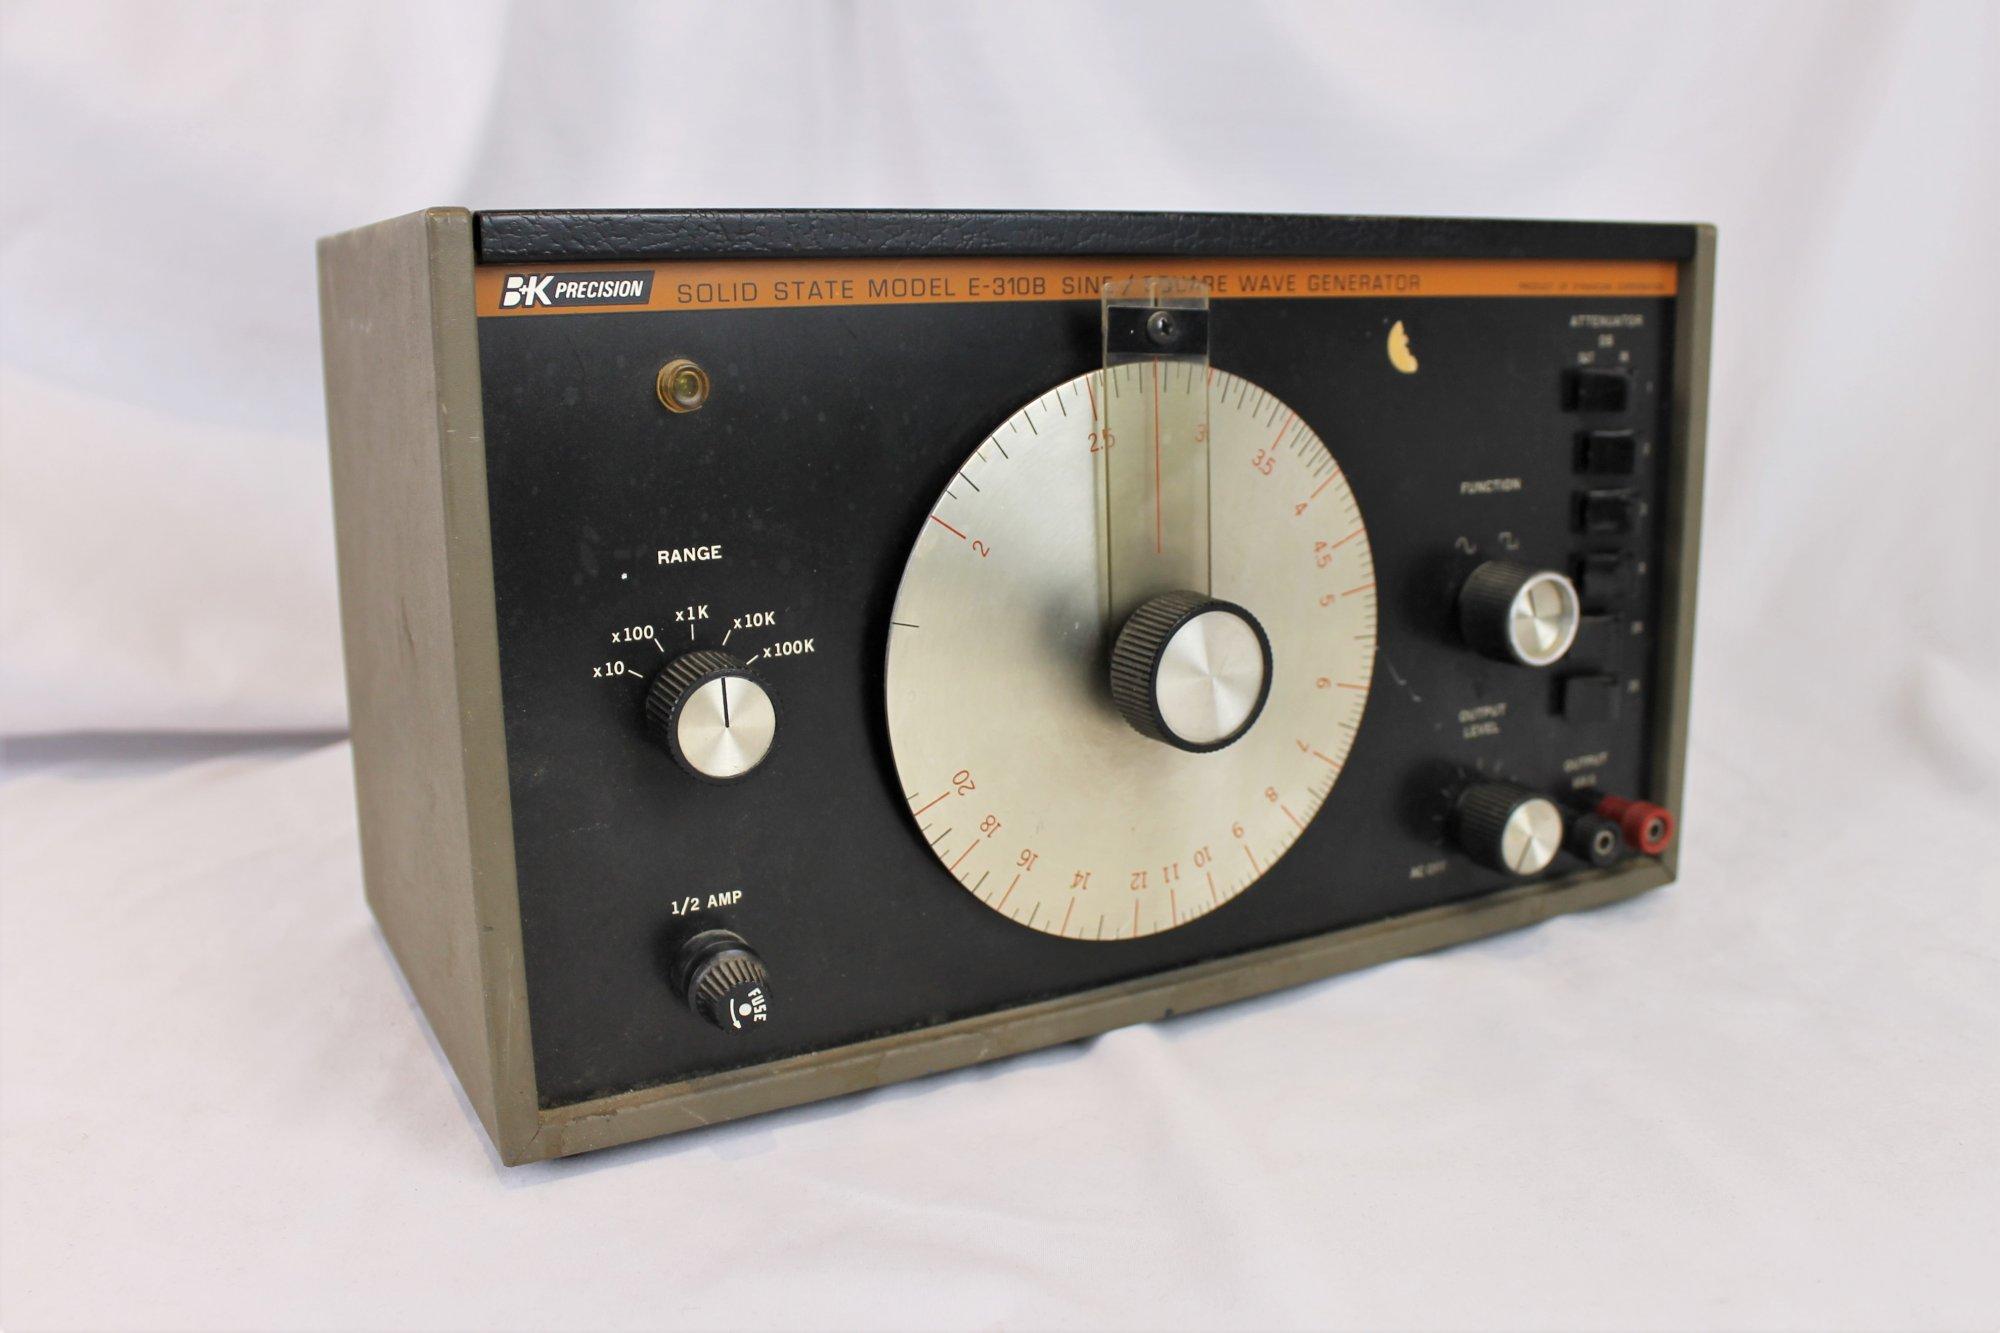 B&K Precision Solid State Model E-310B Sine/Square Wave Generator